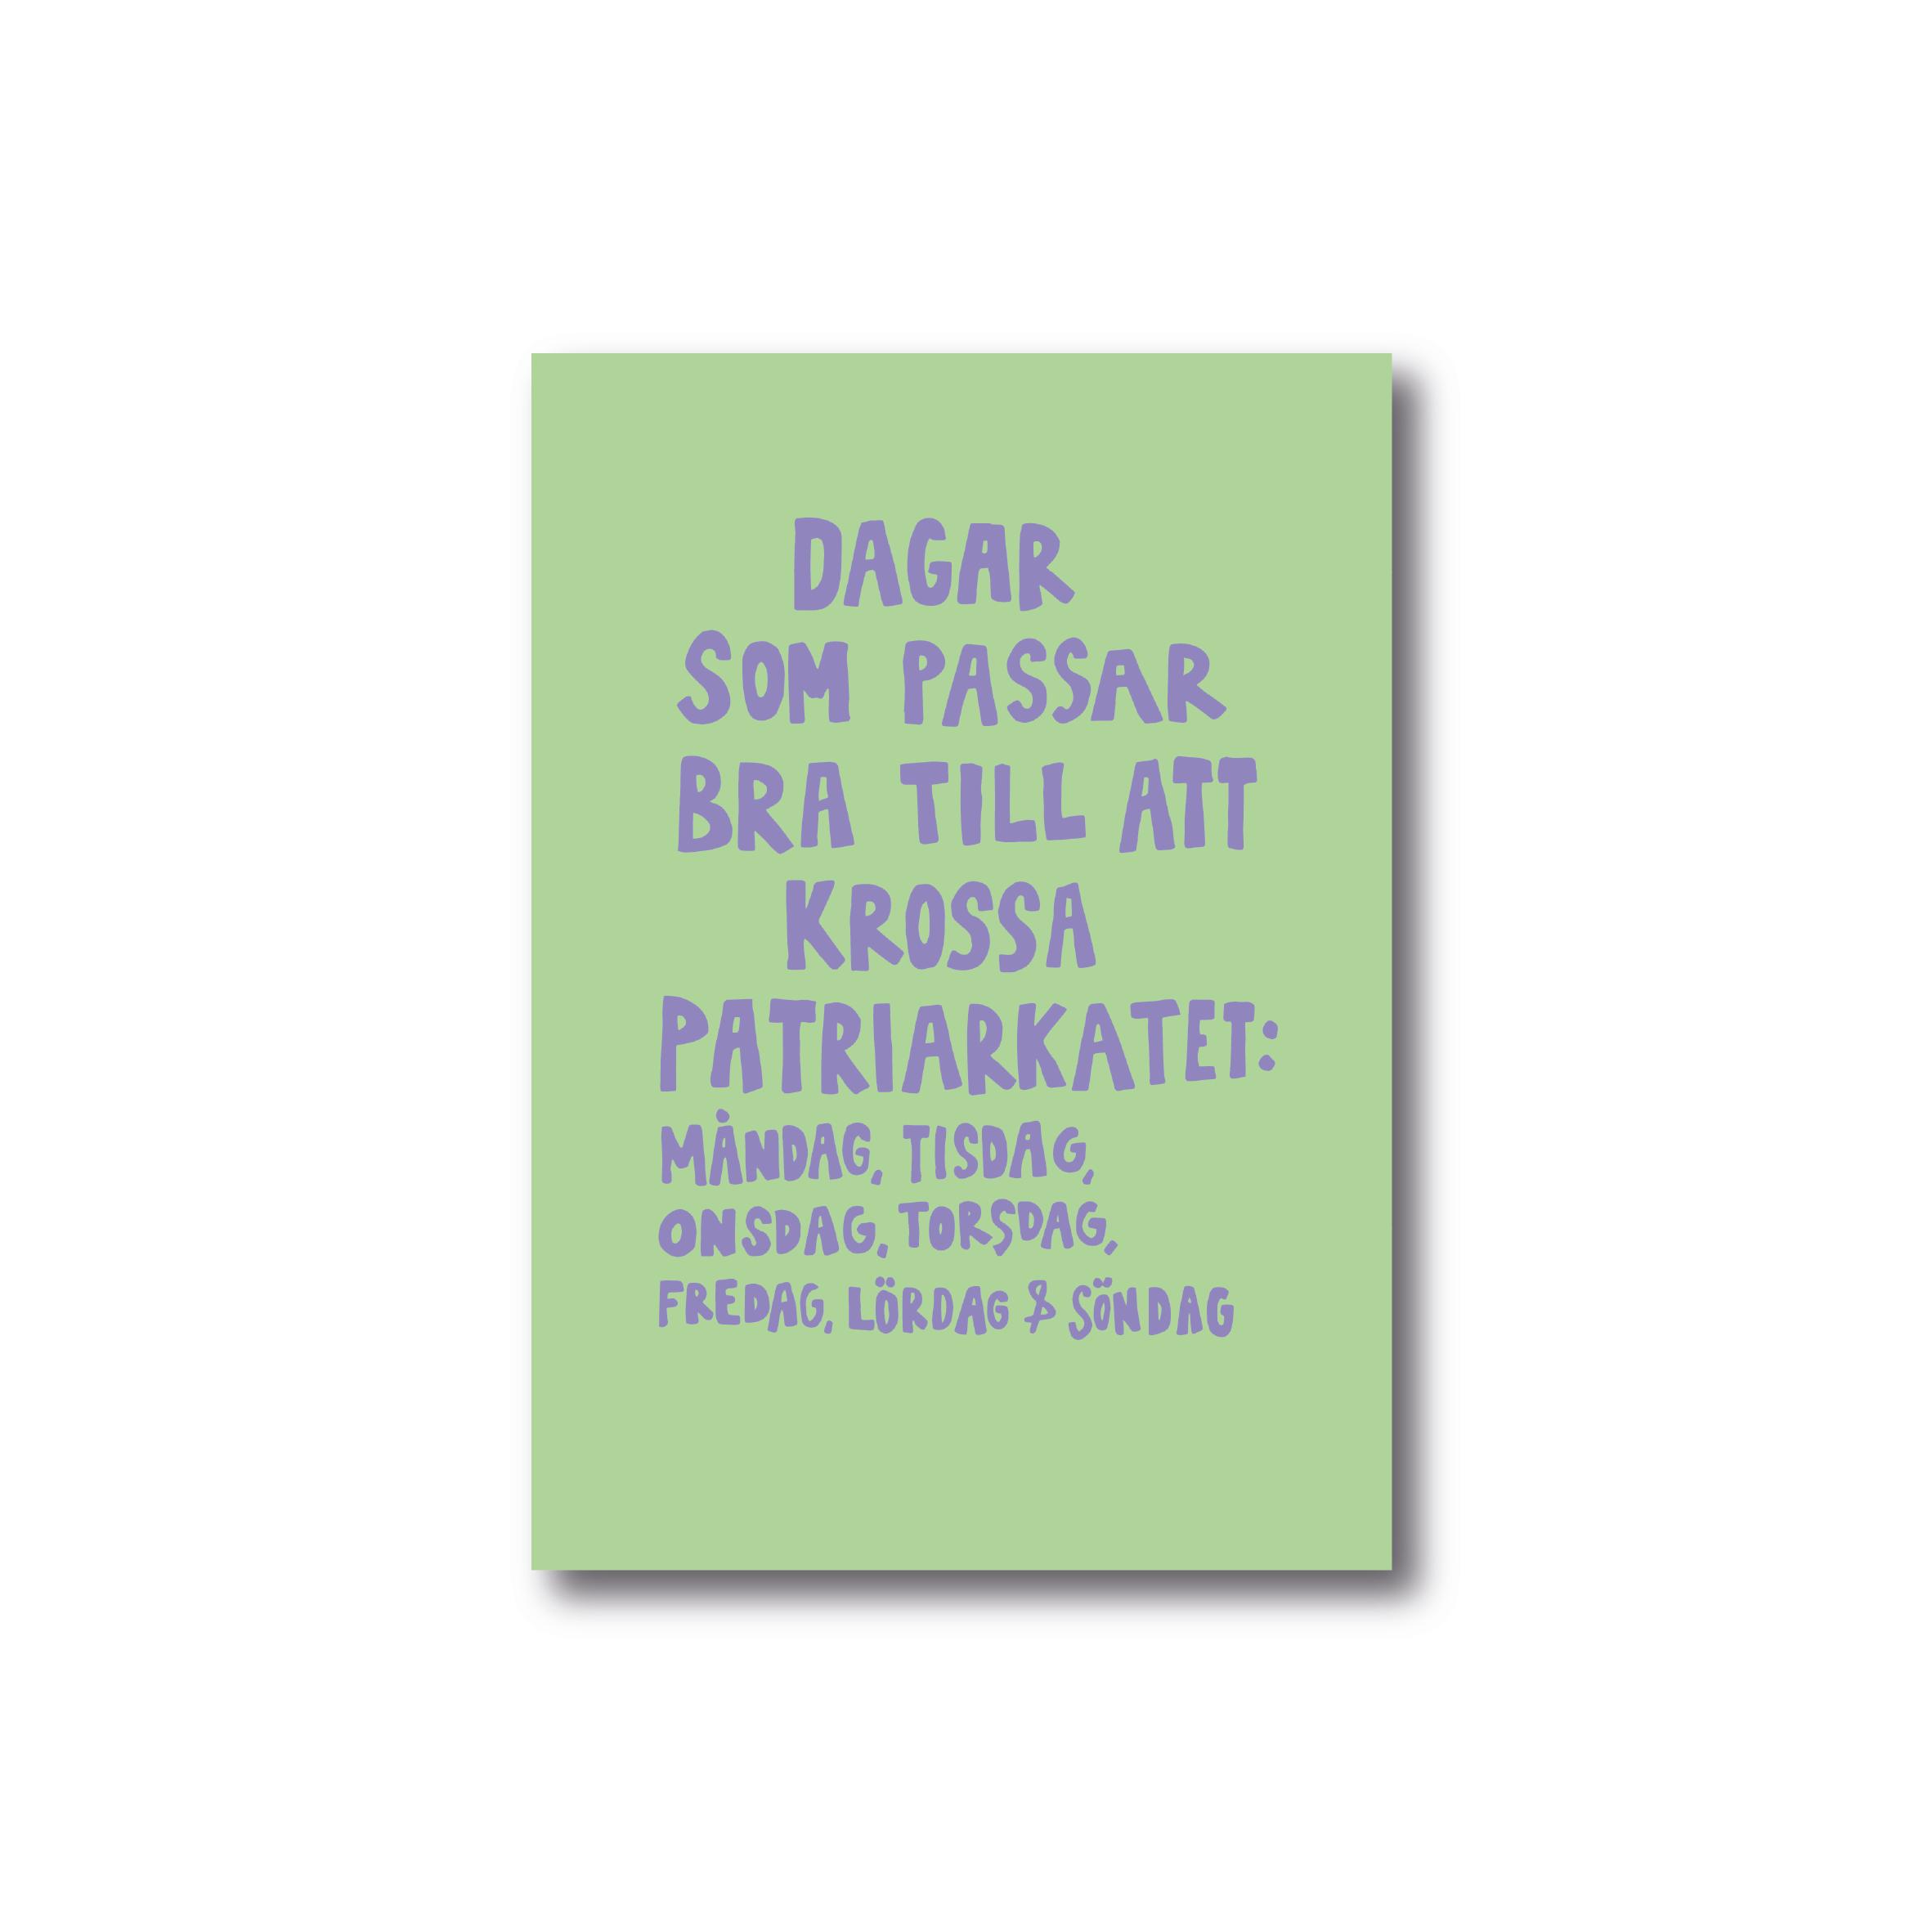 Poster - Dagar som passar bra till att krossa patriarkatet (grön)